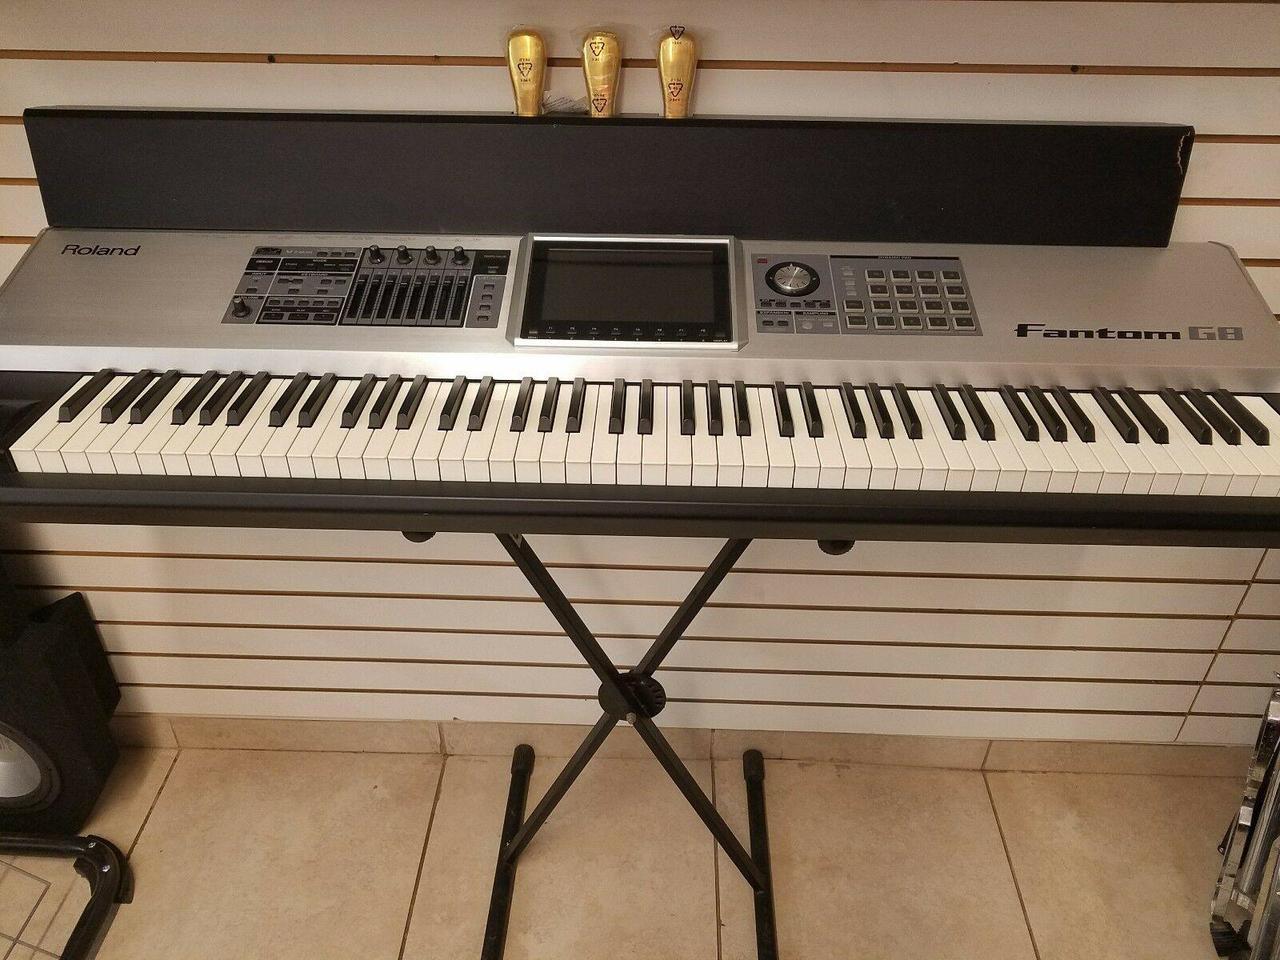 roland fantom g8 88 key keyboard synthesizer workstation. Black Bedroom Furniture Sets. Home Design Ideas